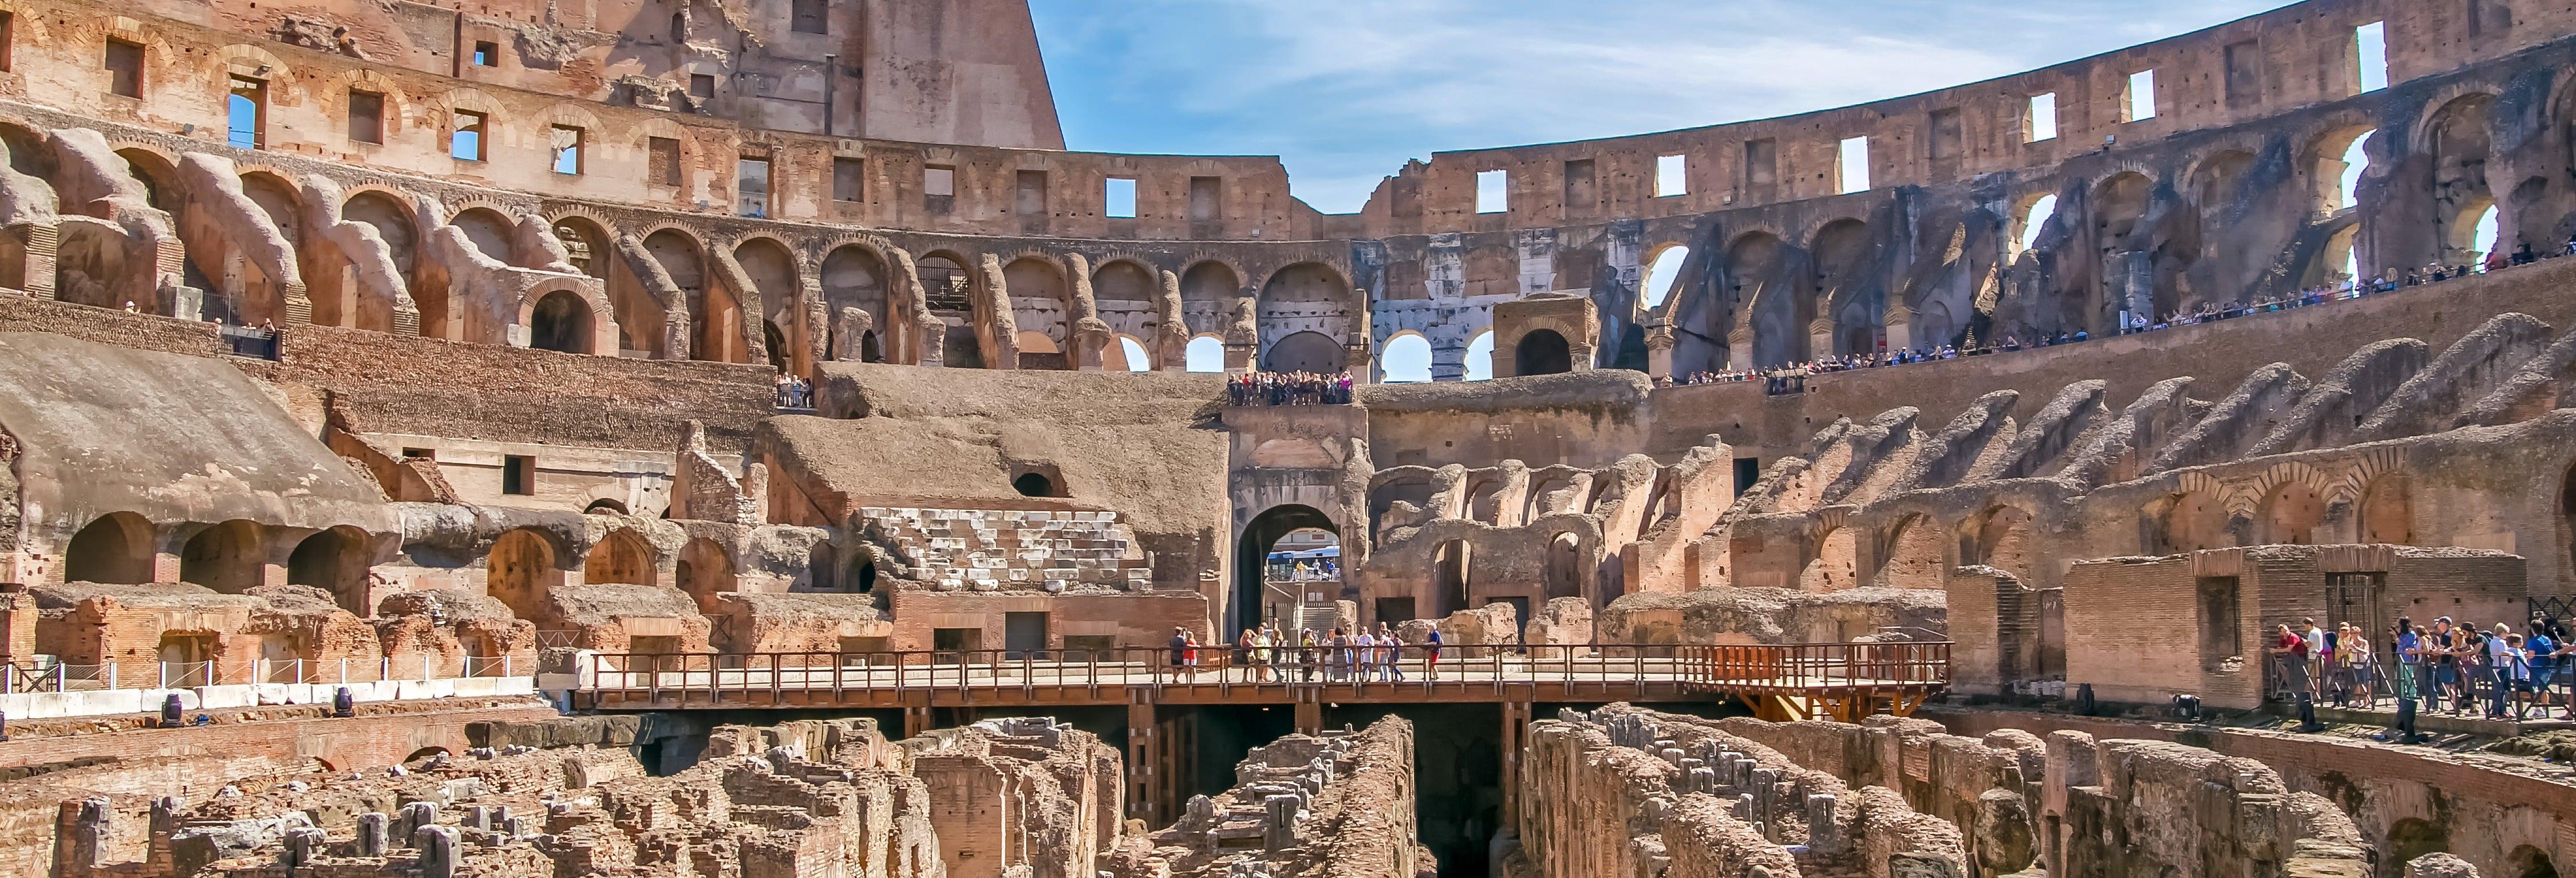 Subterrâneos do Coliseu e Arena + Fórum e Monte Palatino